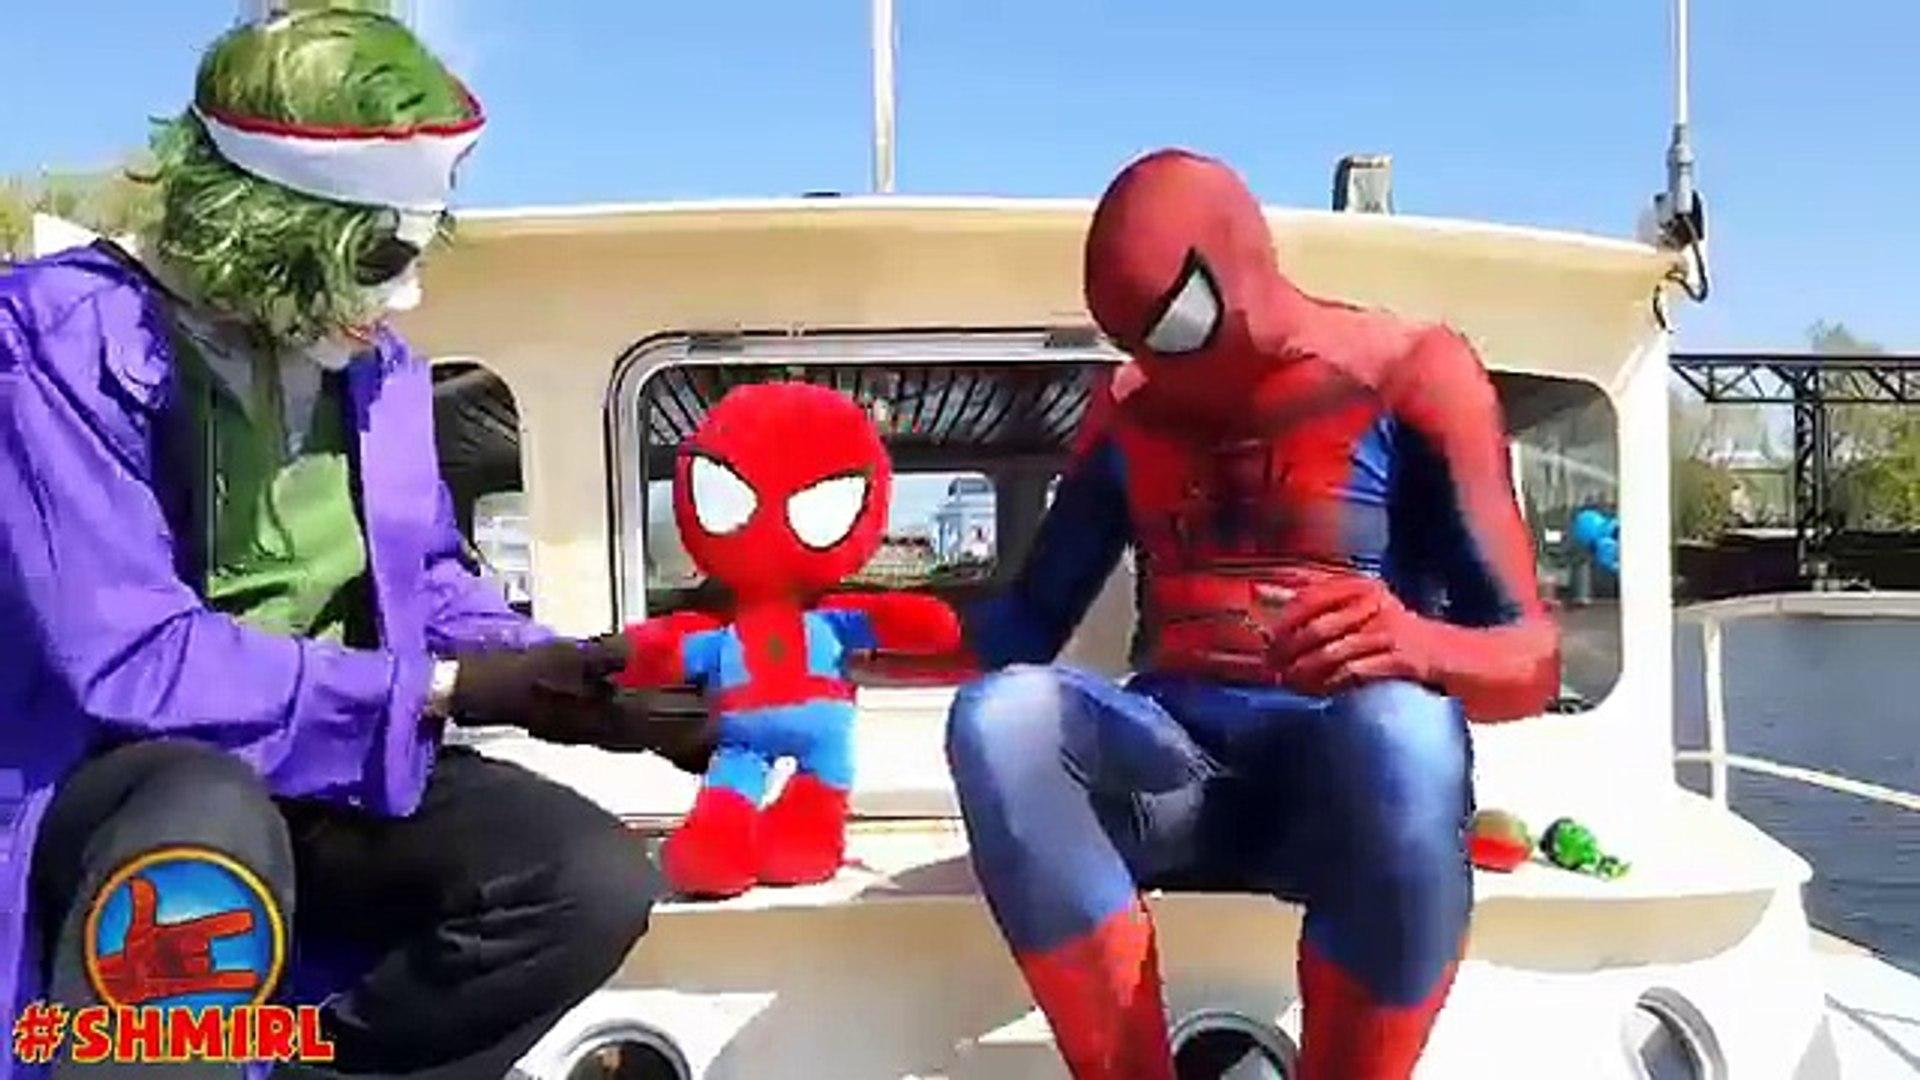 Spiderman Sirena vs Joker Médico Spiderbaby Sirena y el Médico Película de Superhéroes en la Real